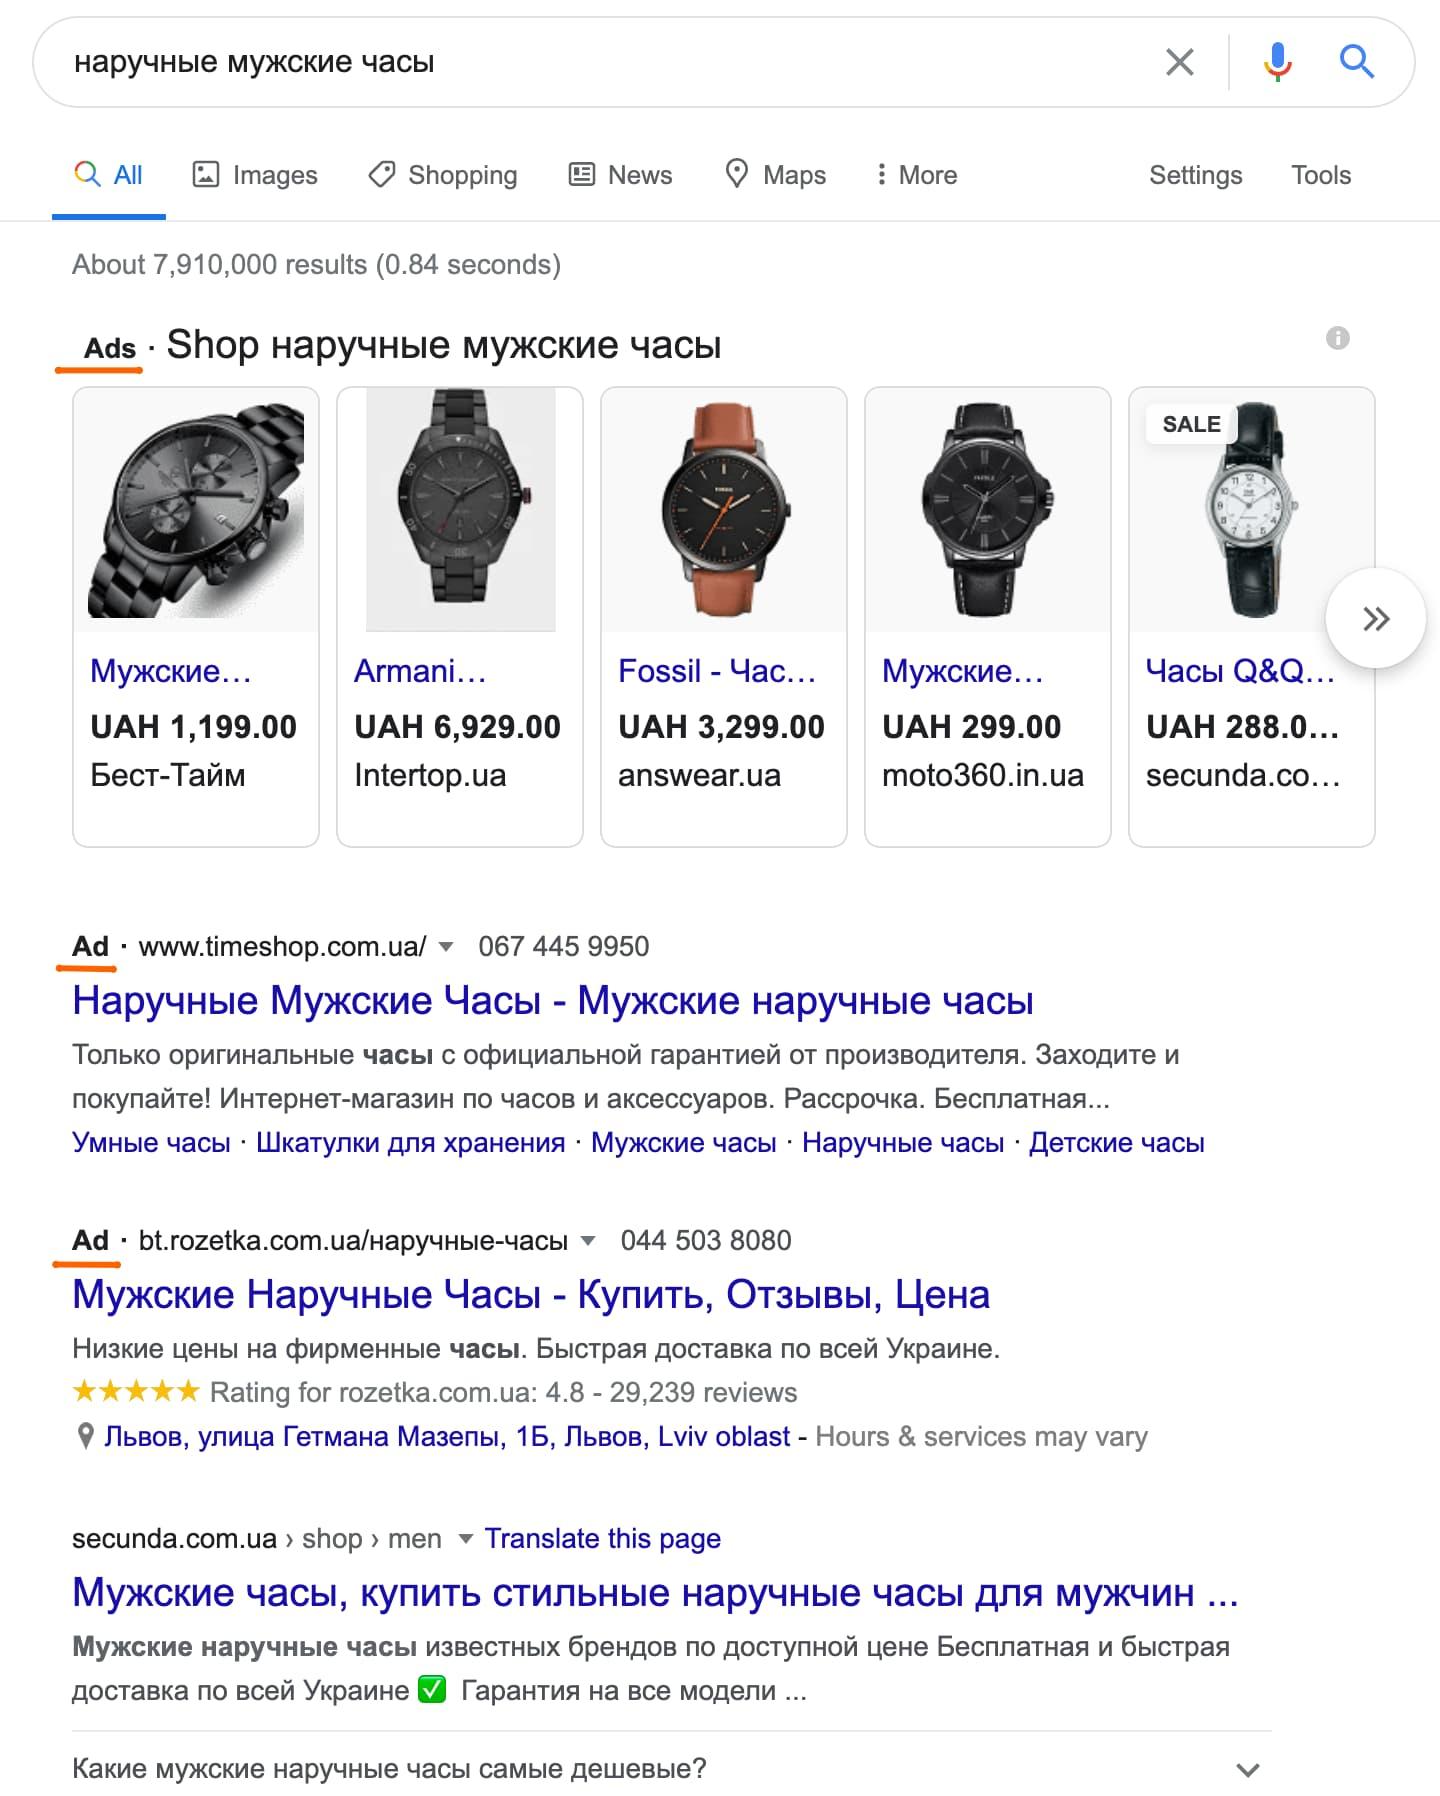 Як виглядає контекстна реклама в пошуку Google